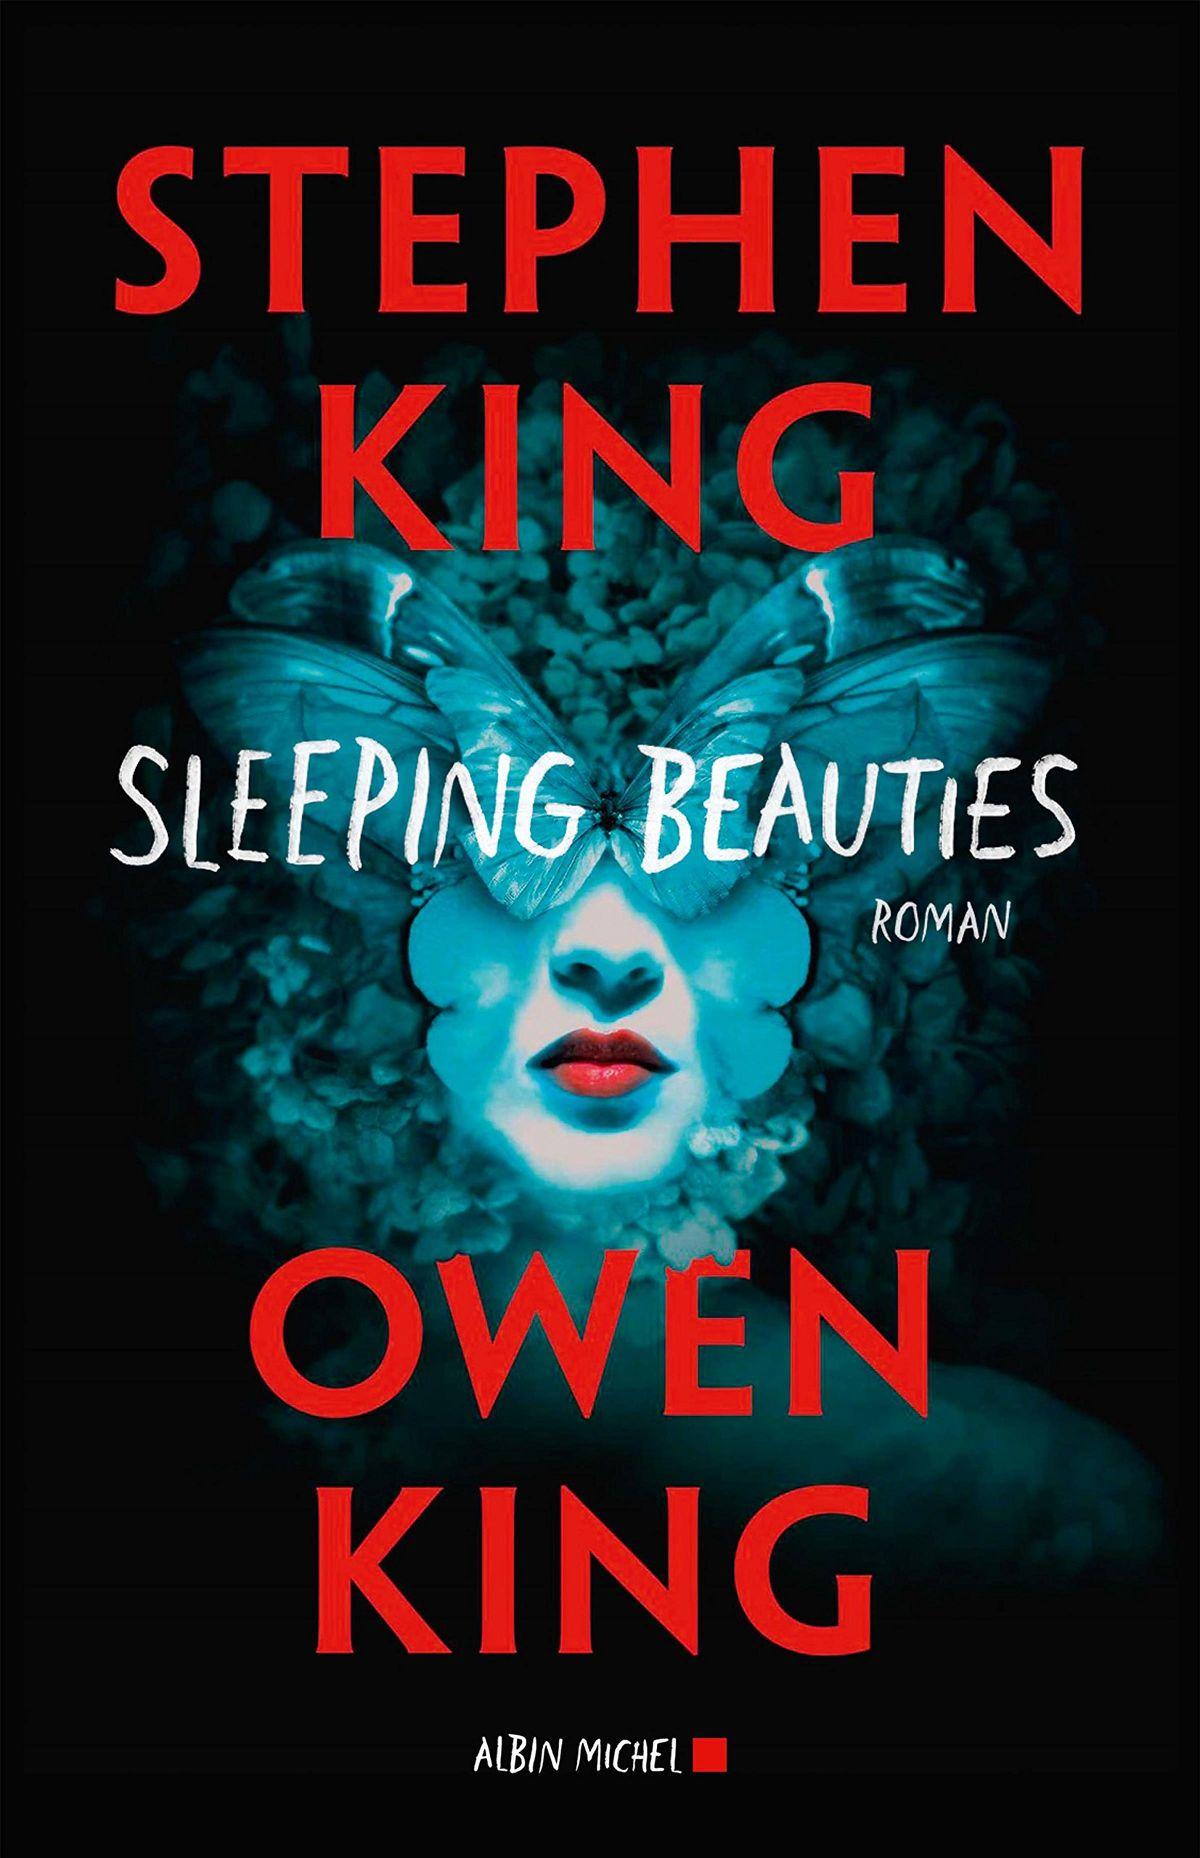 AMC va produire une série basée sur Sleeping Beauties. C'est un roman écrit par Stephen King et son fils, Owen King.